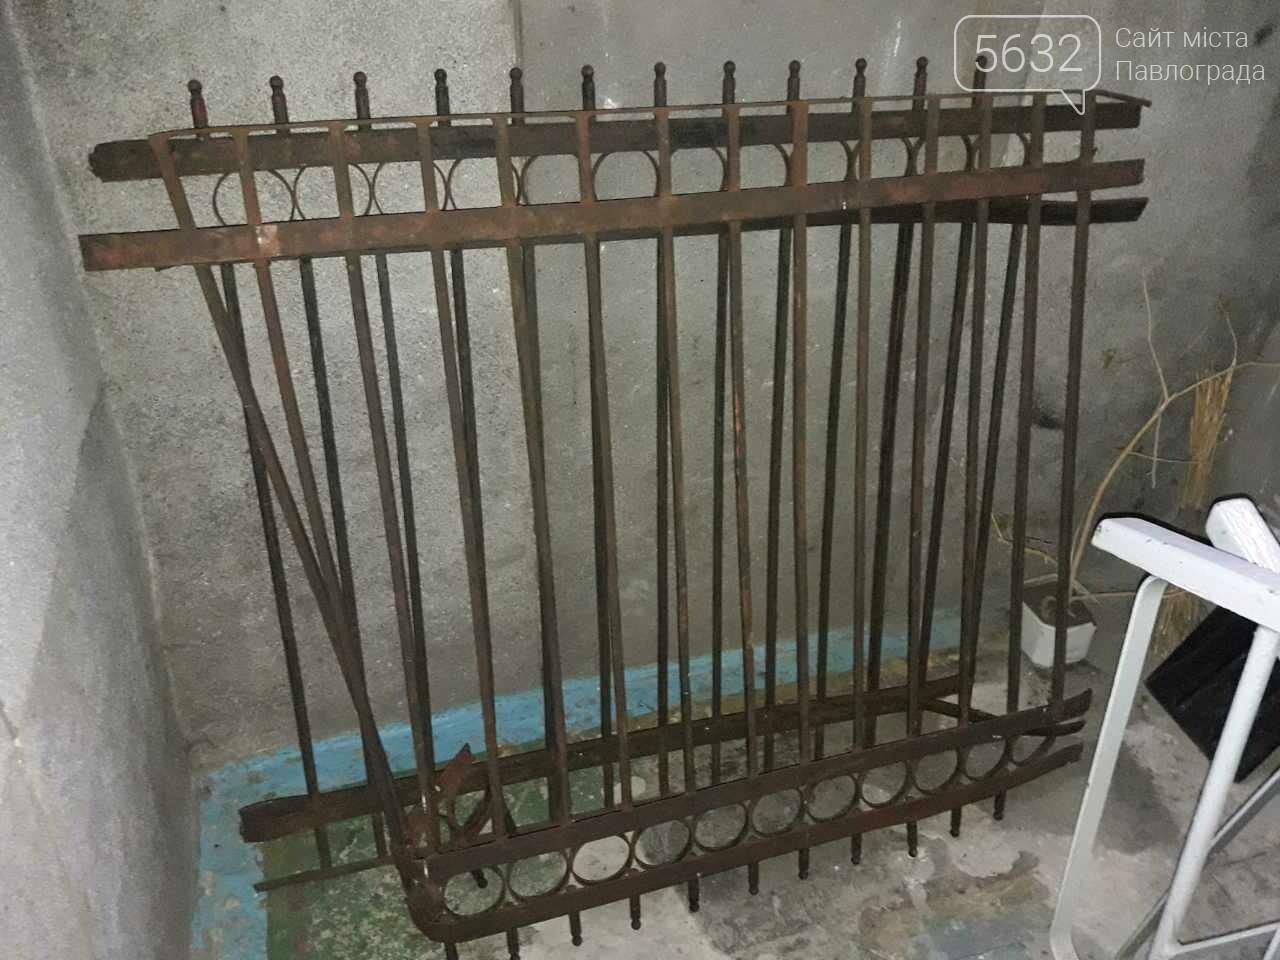 У Павлограді дільничні затримали крадіїв металевої огорожі дитячого садка, фото-1